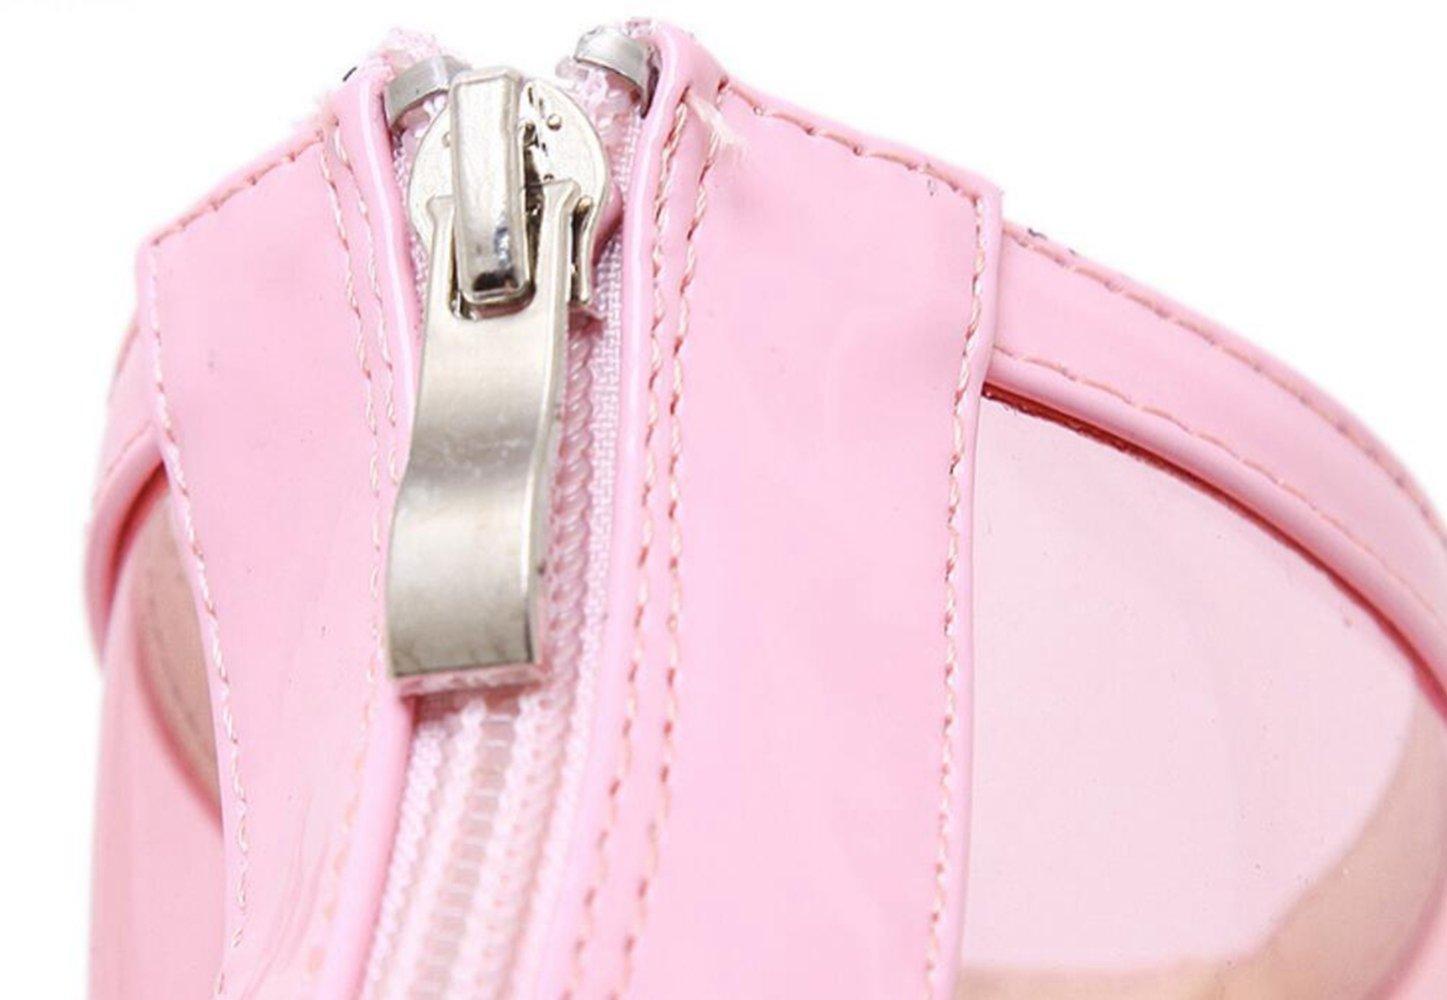 LINYI Offene Offene Offene Spitze Frauen Neue Mode Transparent High-Heel Stiefeletten Wild Tidechunky Ferse Künstliche PUCool Stiefel 1f81a8